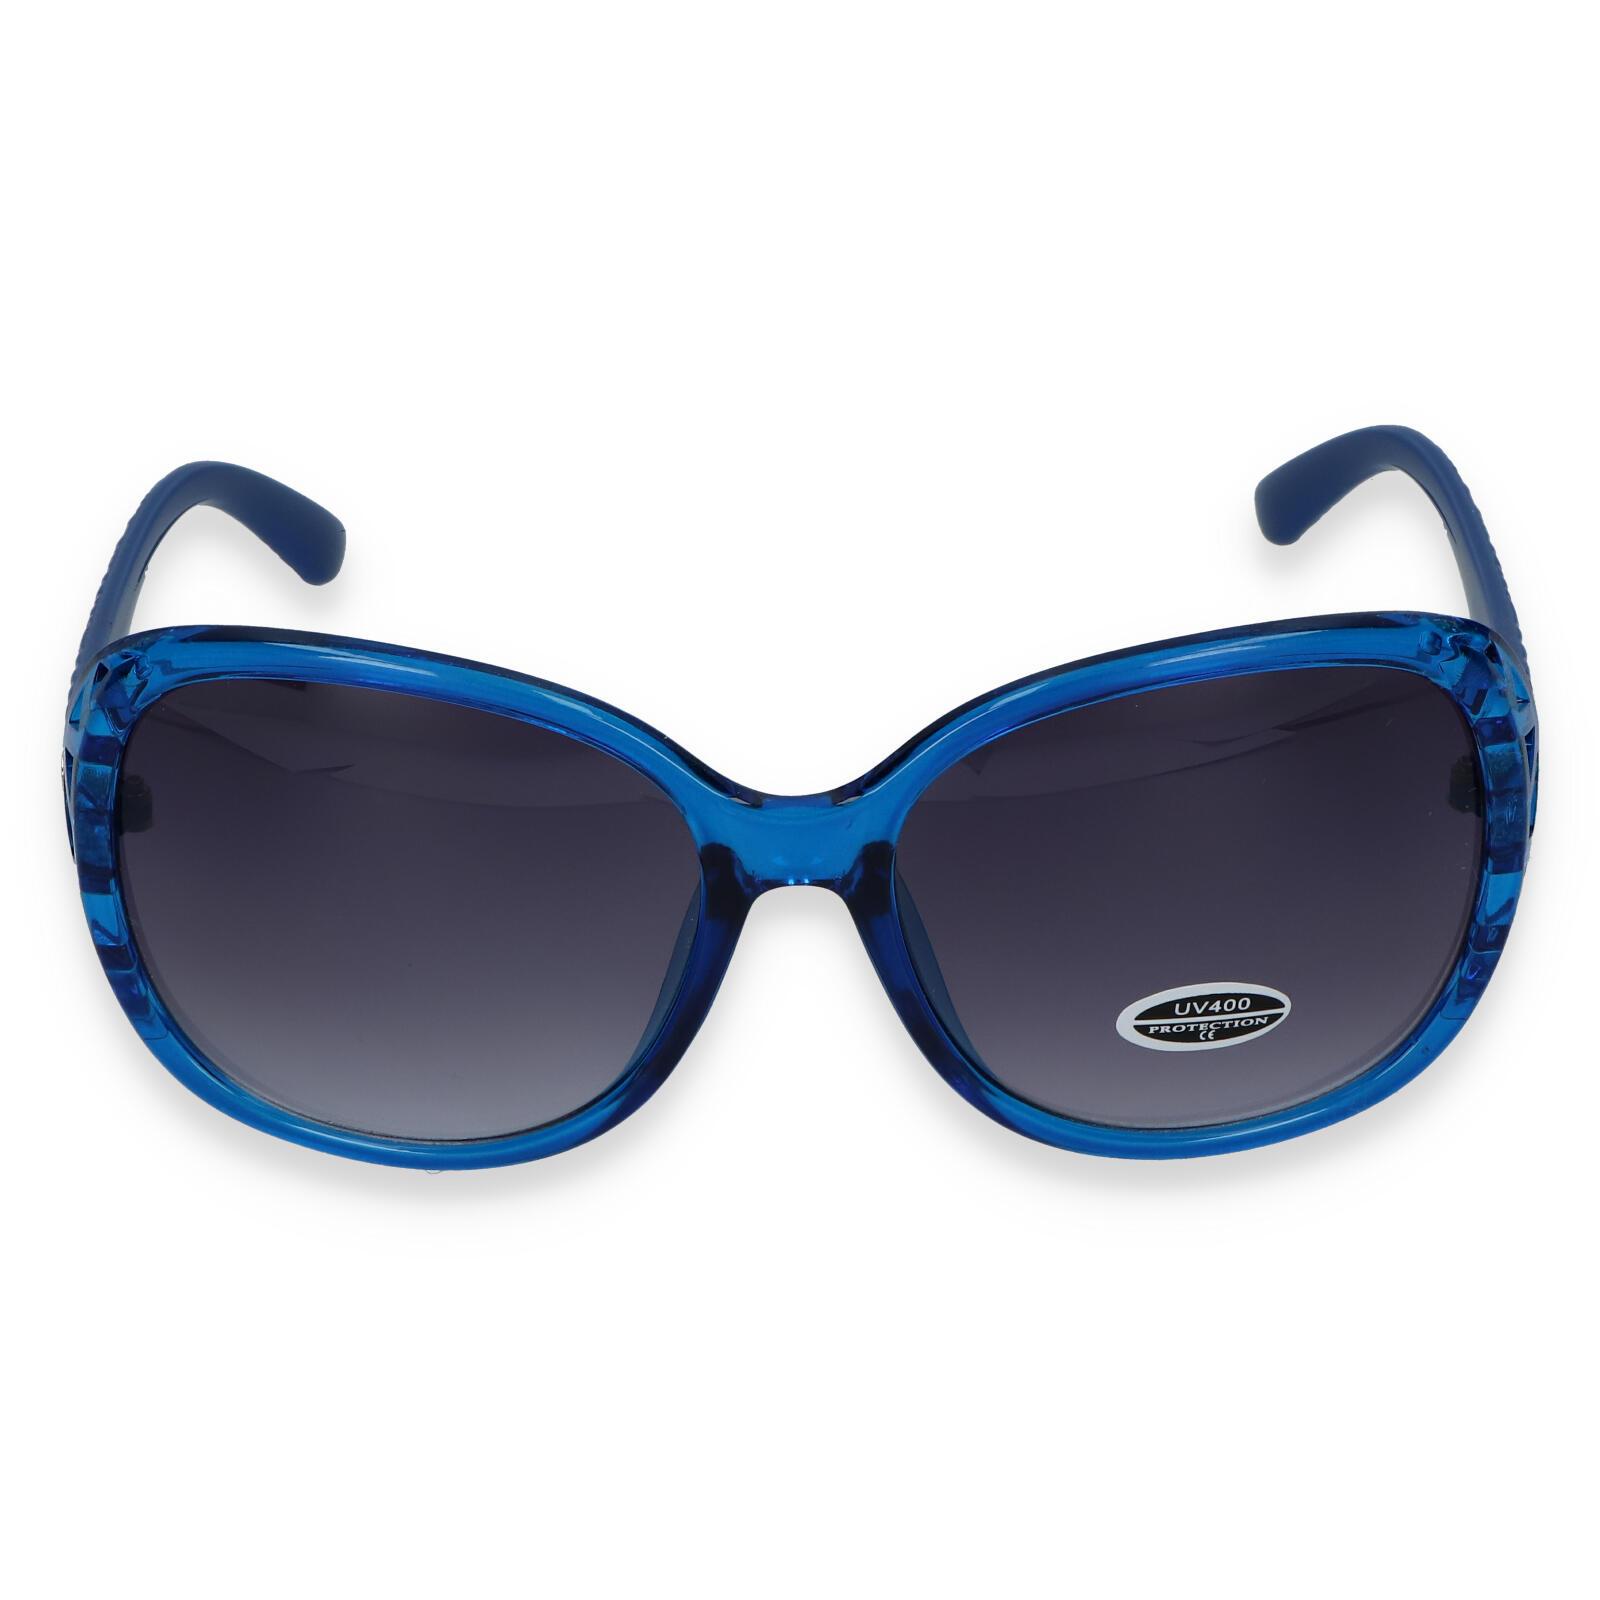 Dámské sluneční brýle modré - S0506